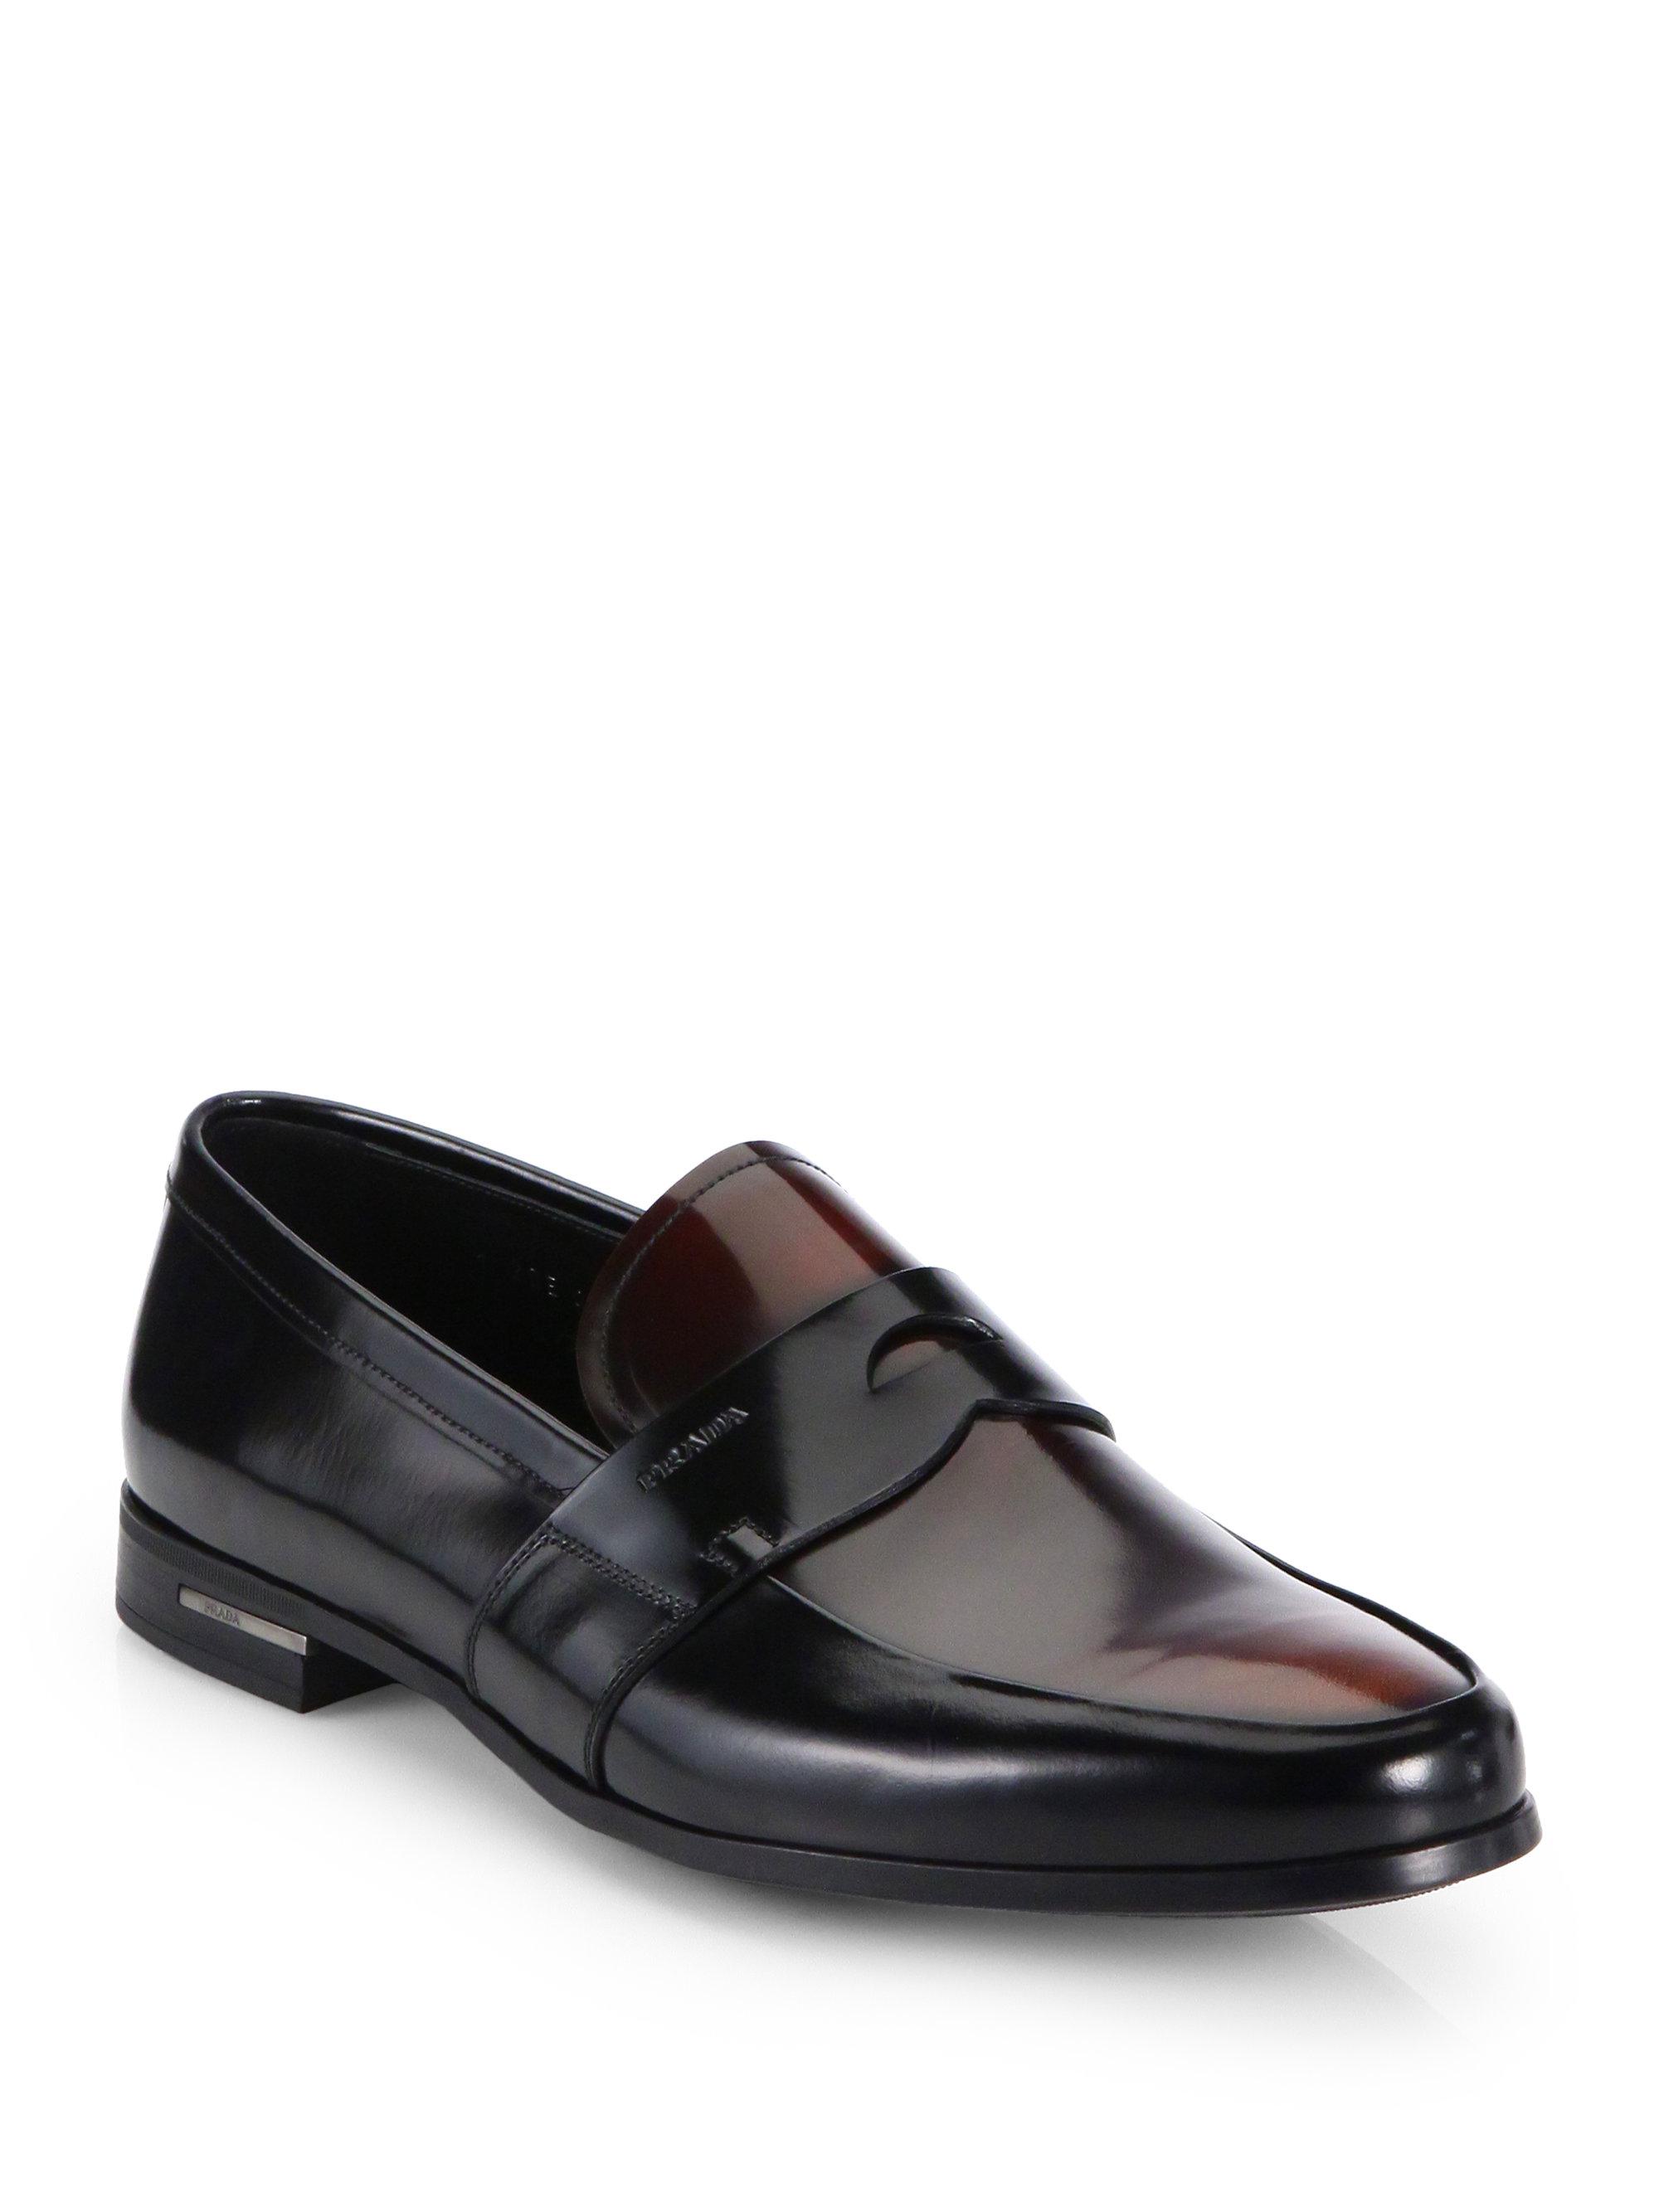 Prada Bicolor Spazzolato Penny Loafers In Black Brown